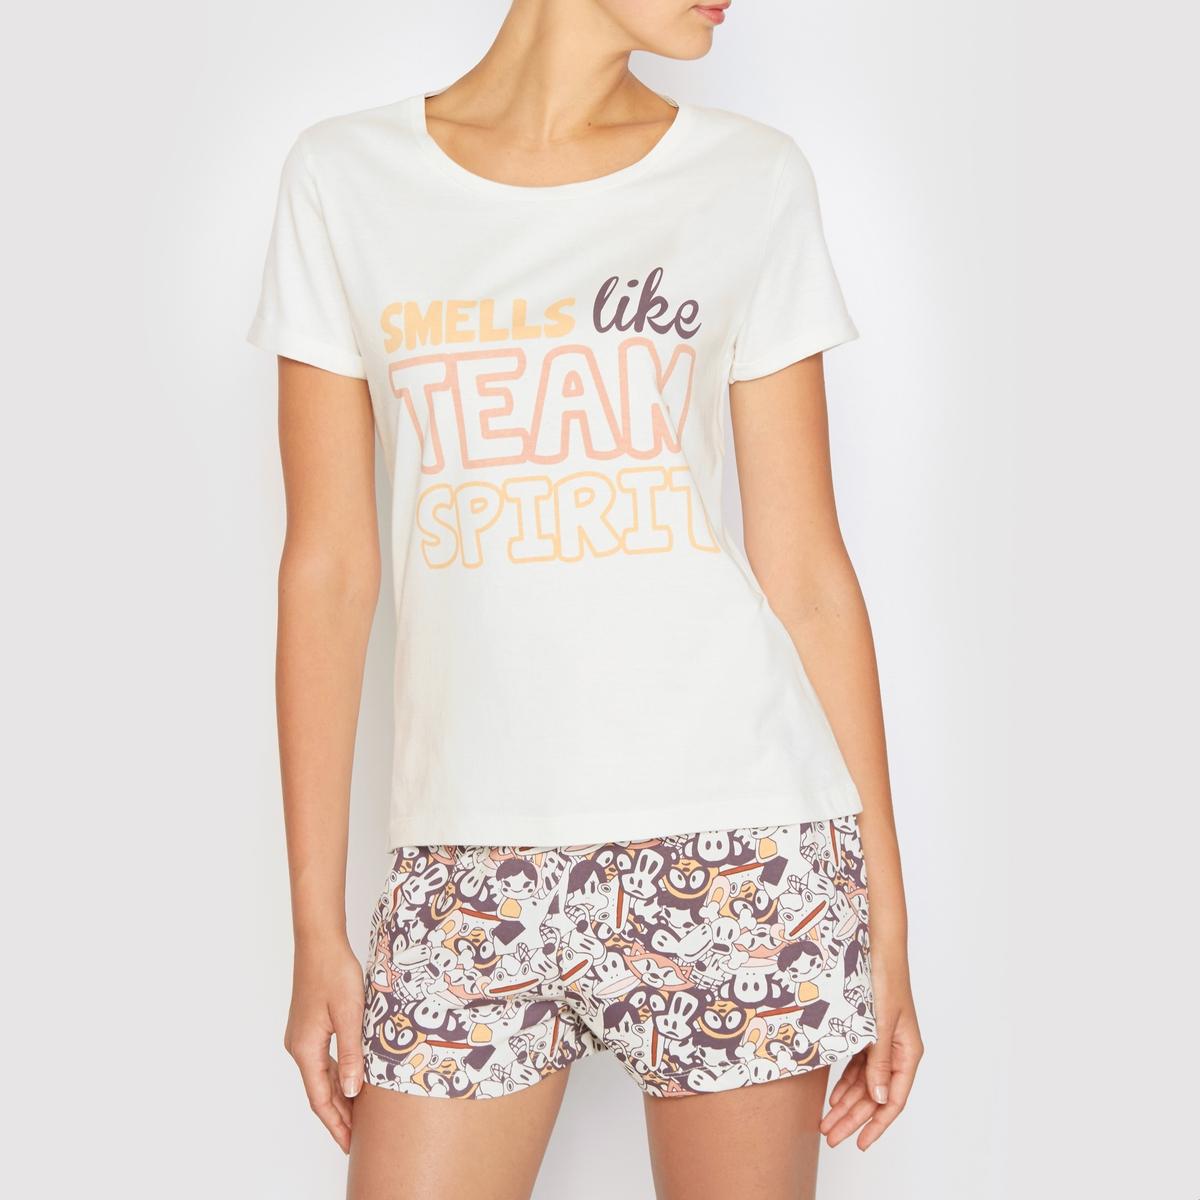 Пижама с шортами Paul FranckСостав и описание :Материал : 100% хлопкаДлина по внутр.шву : 72 смМарка : PAUL FRANCK УходМашинная стирка при 30 °Сс вещами схожих цветов<br><br>Цвет: рисунок/белый<br>Размер: S